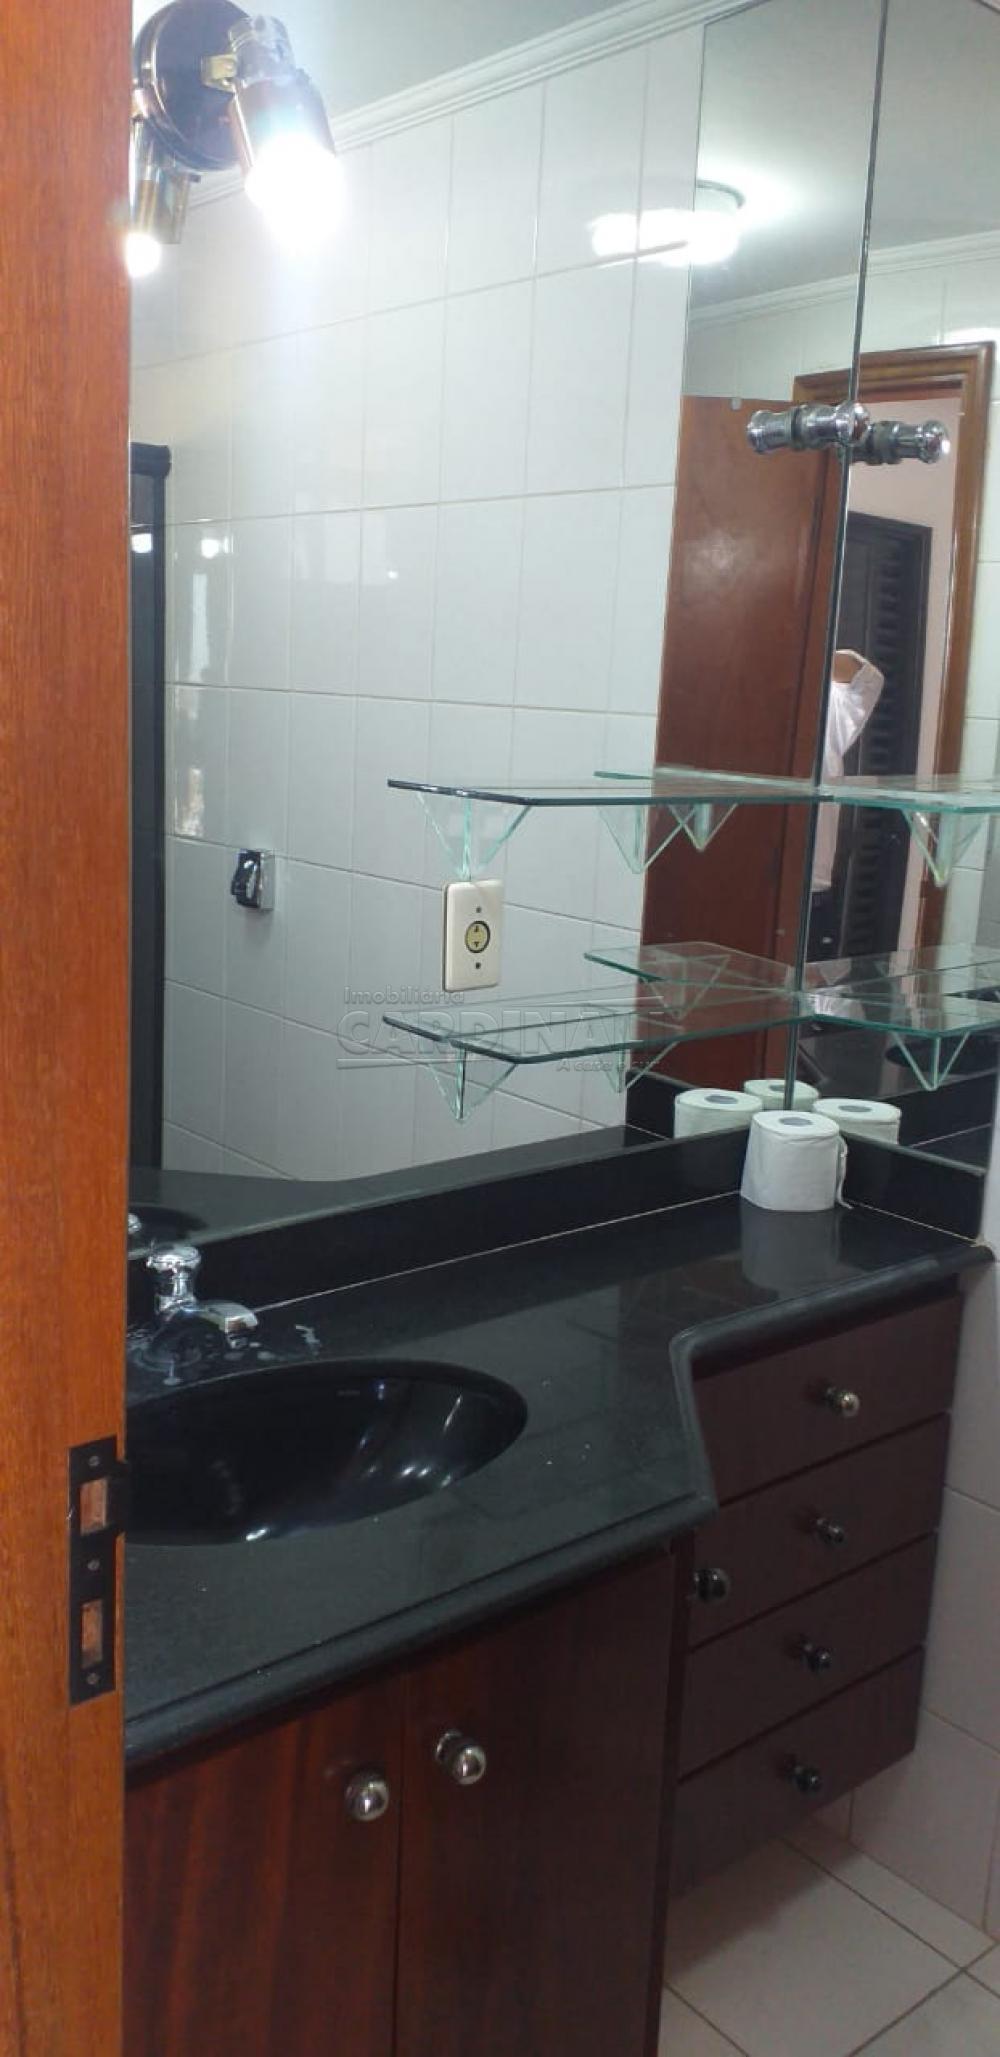 Alugar Apartamento / Padrão em Araraquara R$ 1.300,00 - Foto 14